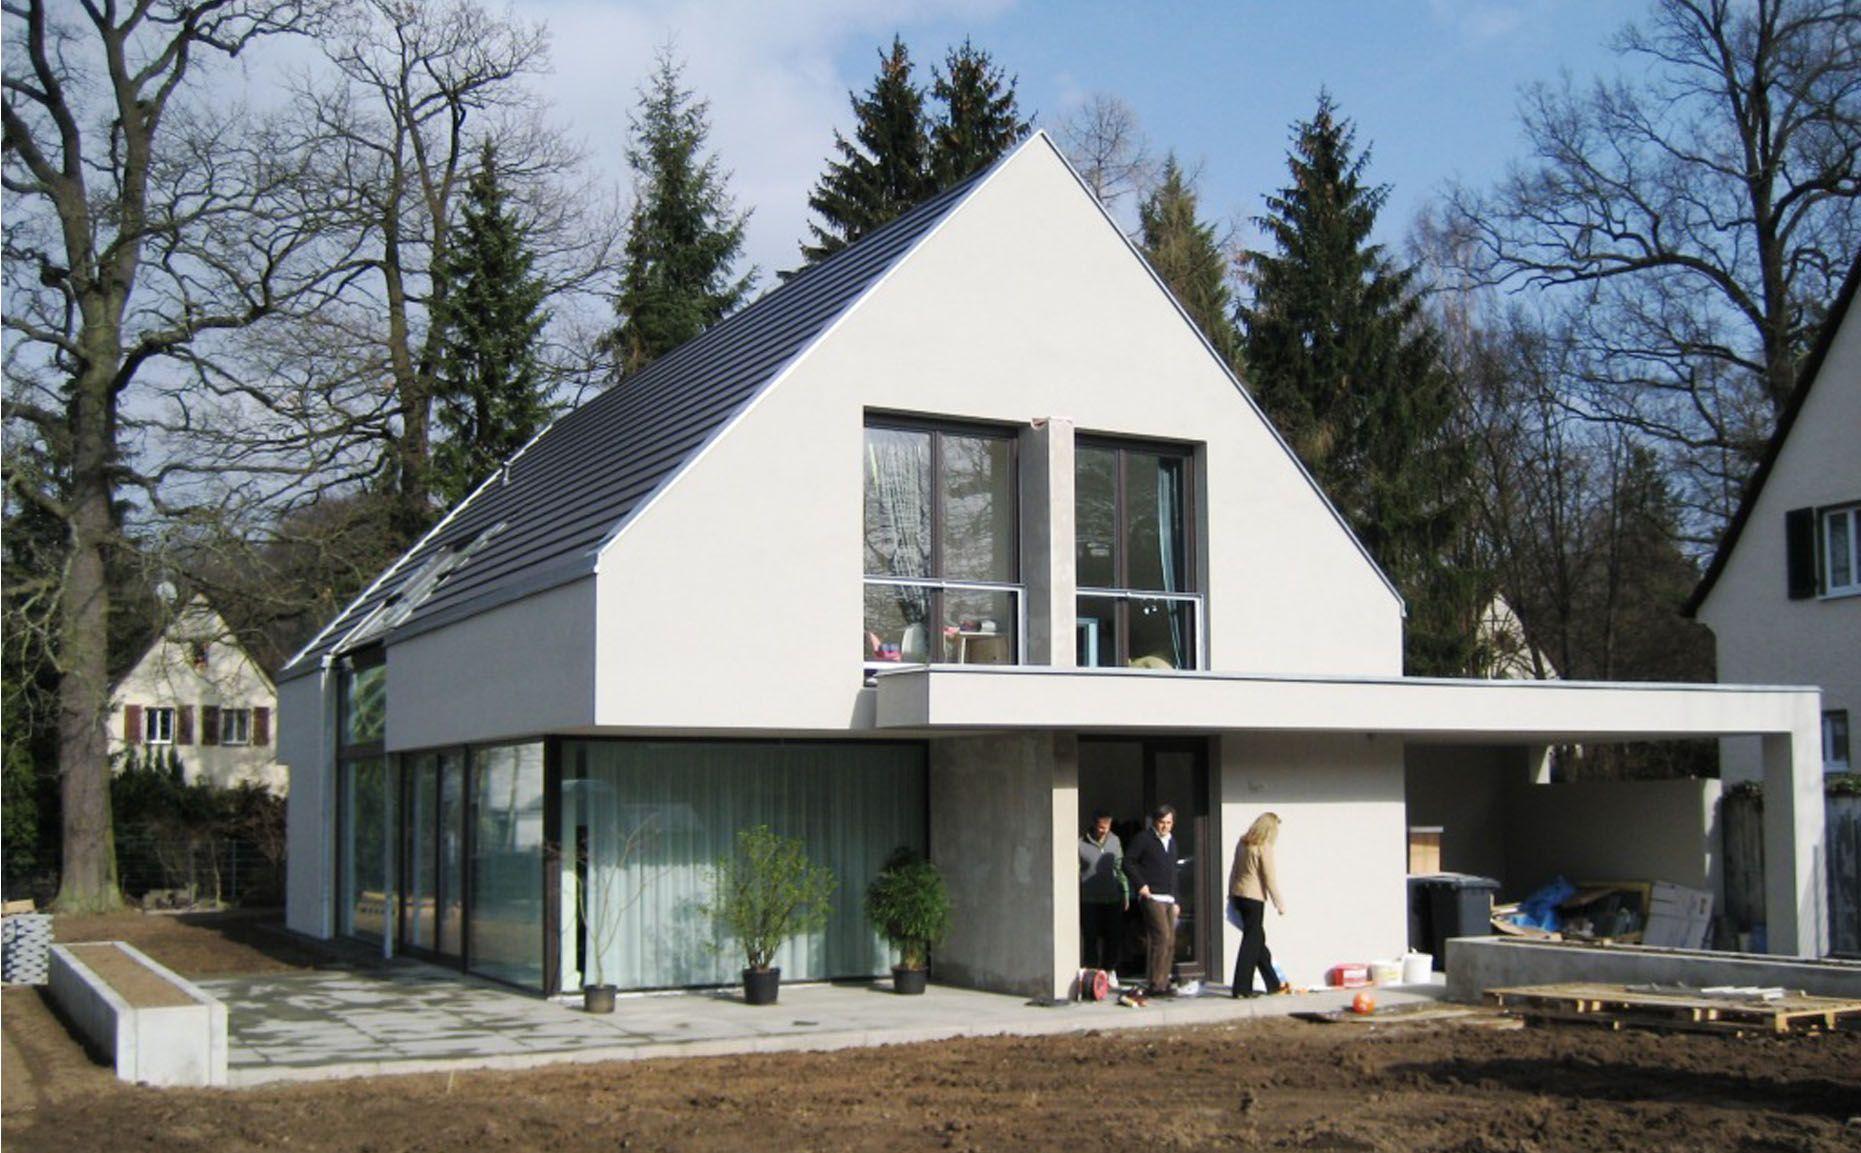 Bekannt Bildergebnis für satteldach modern interpretiert | Einfamilienhaus EV43